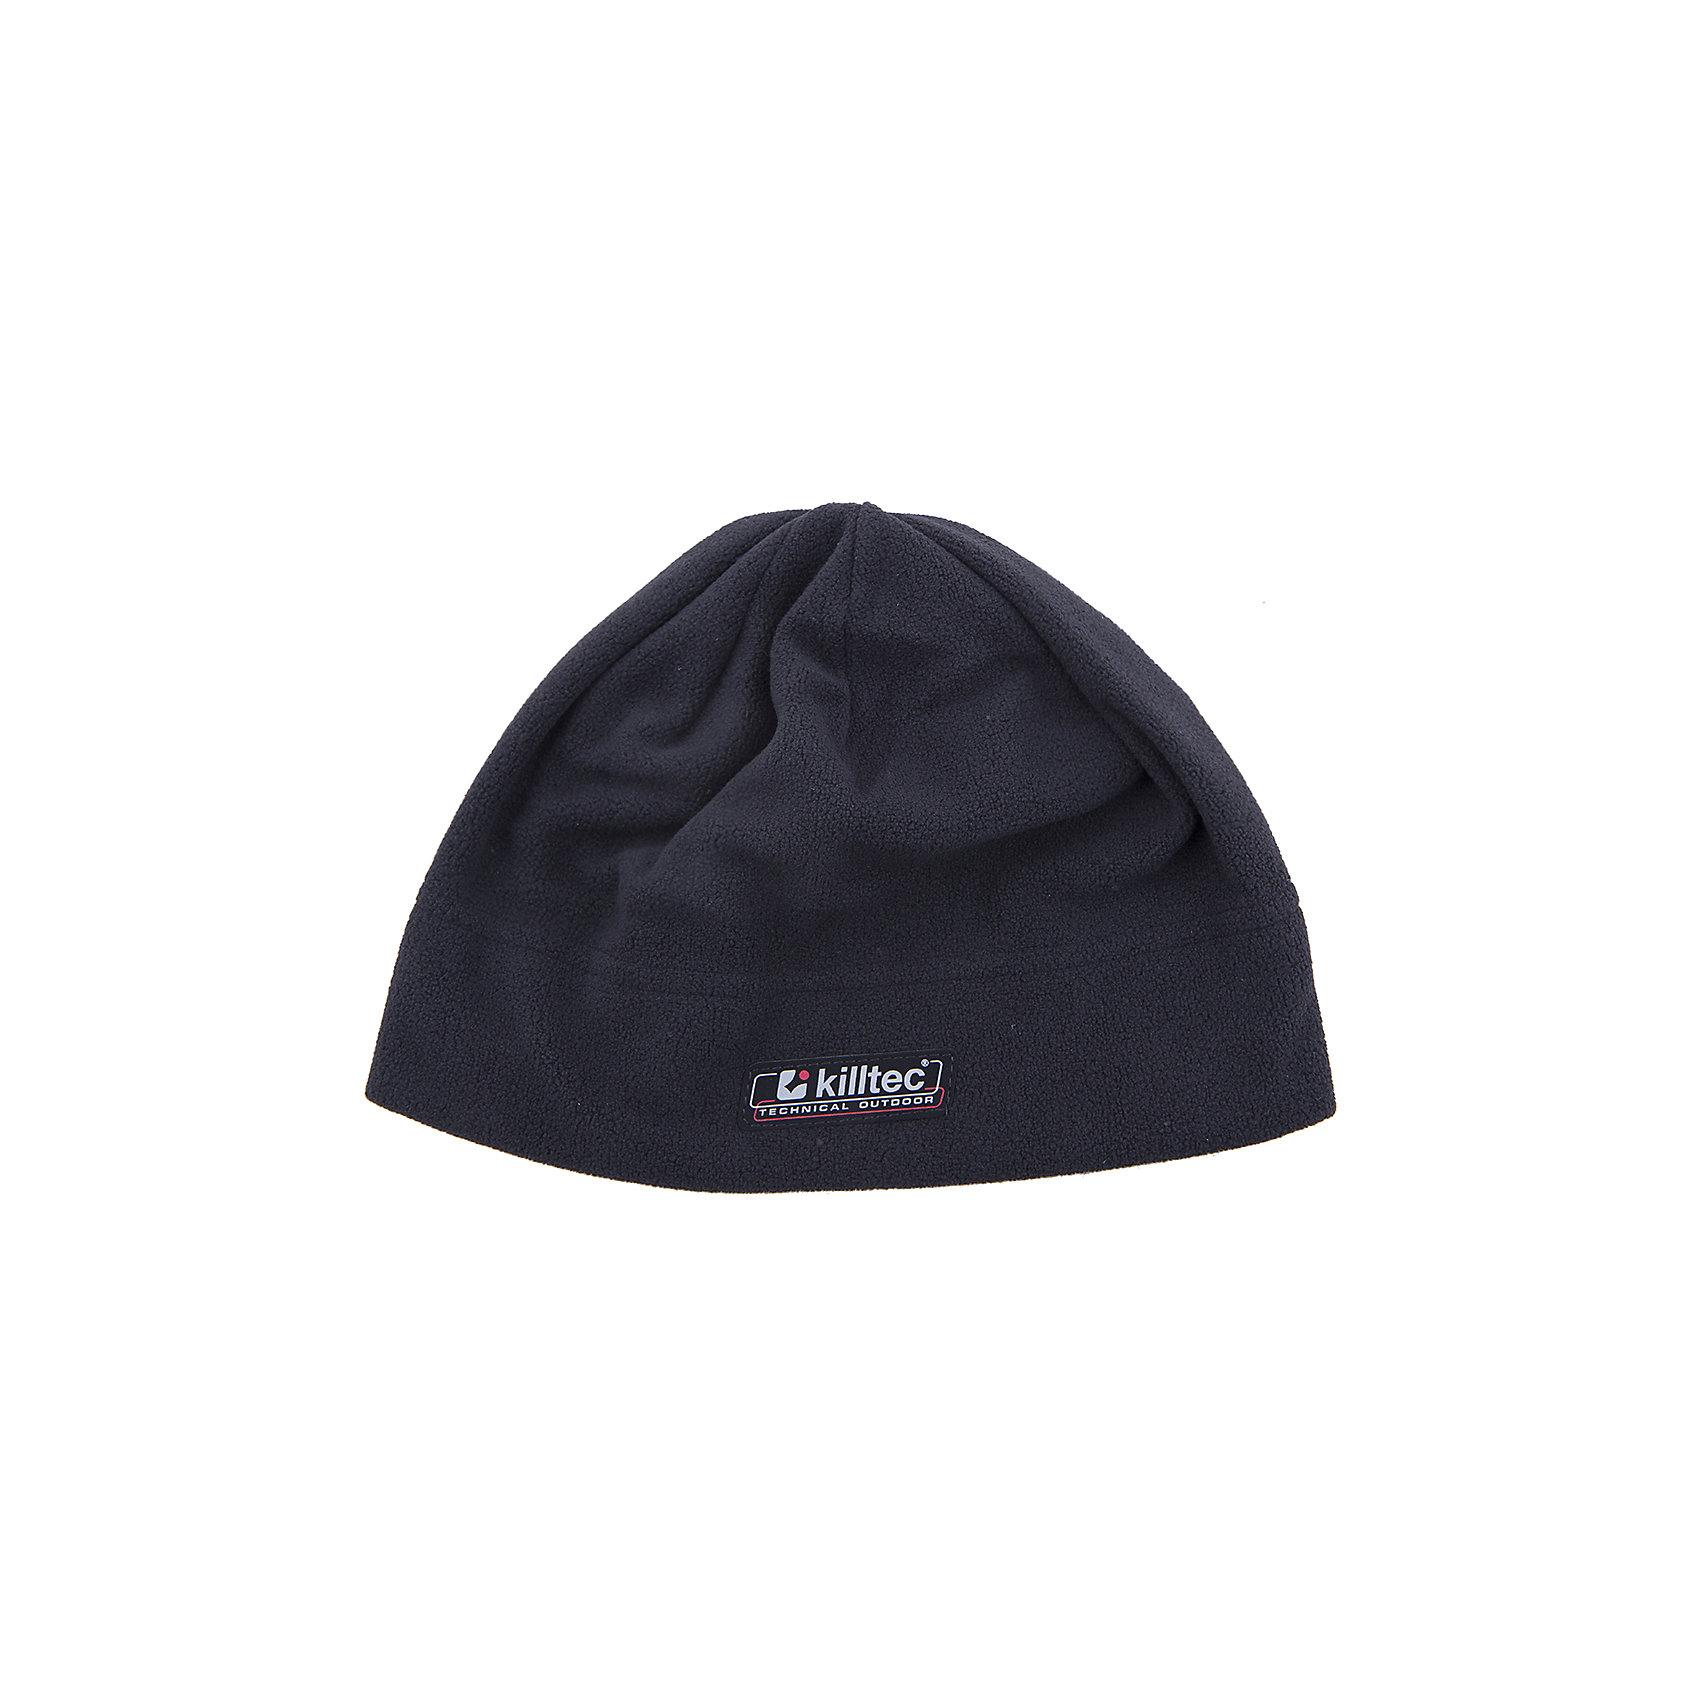 Шапка KilltecГоловные уборы<br>Шапка от известного немецкого бренда Killtec <br><br>Стильная черная шапка подойдет для спорта и активного отдыха в холодное время года. Все детали её тщательно проработаны, швы отличаются превосходным качеством. <br><br>Особенности модели:<br><br>- материал - флис, мягкий, эластичный;<br>- цвет - черный;<br>- нашивка с лейблом.<br><br>Дополнительная информация:<br><br>Состав: 100% полиэстер<br><br><br>Температурный режим:<br><br>от - 15°С до 0°С<br><br>Шапку от известного немецкого бренда Killtec (Килтек) можно купить в нашем магазине.<br><br>Ширина мм: 356<br>Глубина мм: 10<br>Высота мм: 245<br>Вес г: 519<br>Цвет: разноцветный<br>Возраст от месяцев: 36<br>Возраст до месяцев: 48<br>Пол: Мужской<br>Возраст: Детский<br>Размер: 49-51<br>SKU: 4242066